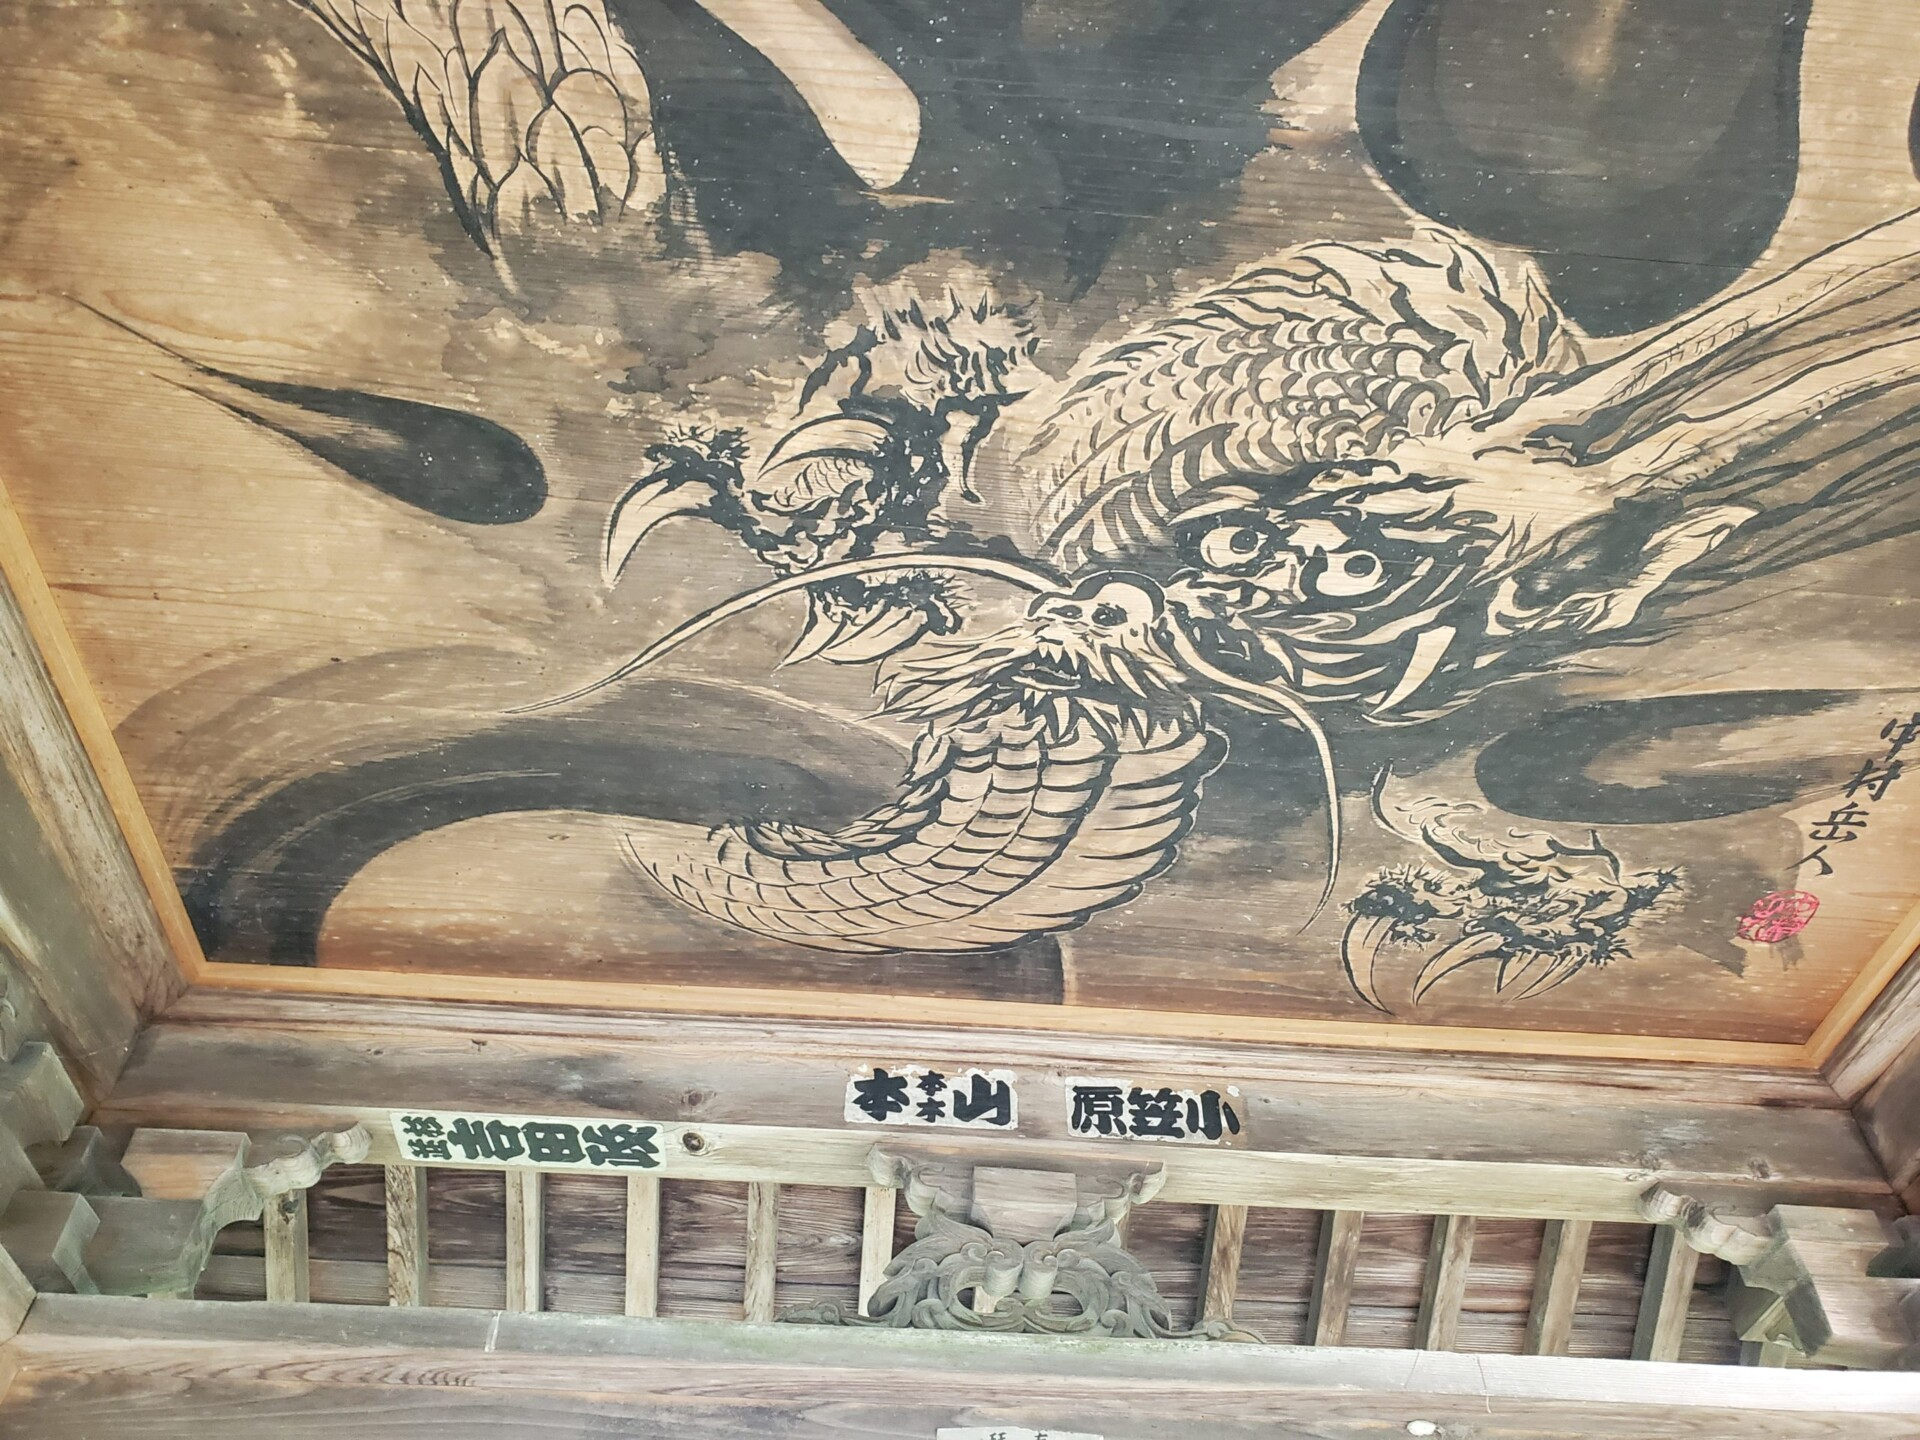 手水舎天井裏の水墨画(雲龍図)